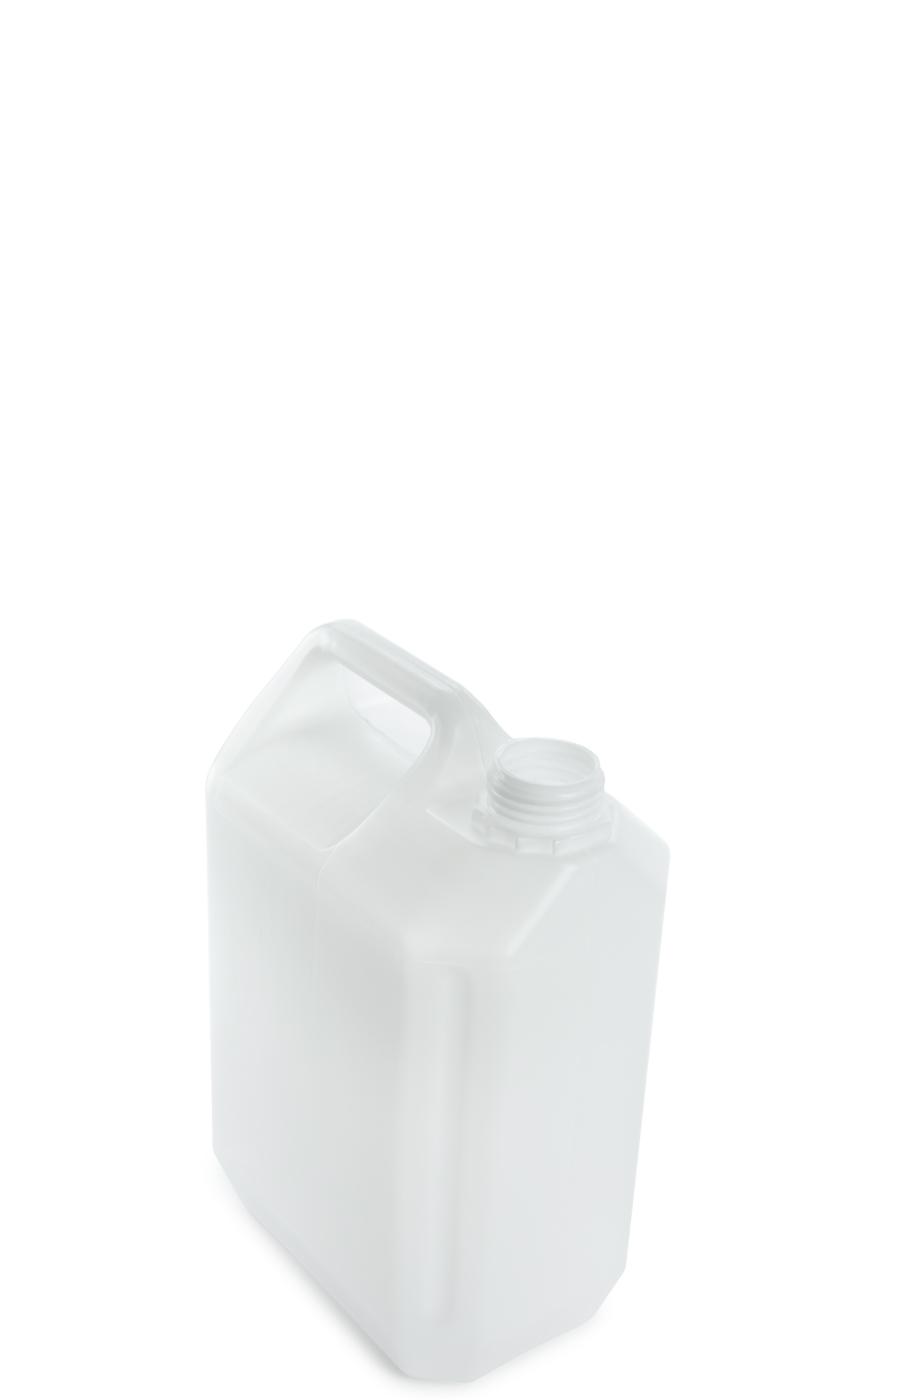 kunststoff kanister natur 5 liter un ohne verschluss. Black Bedroom Furniture Sets. Home Design Ideas